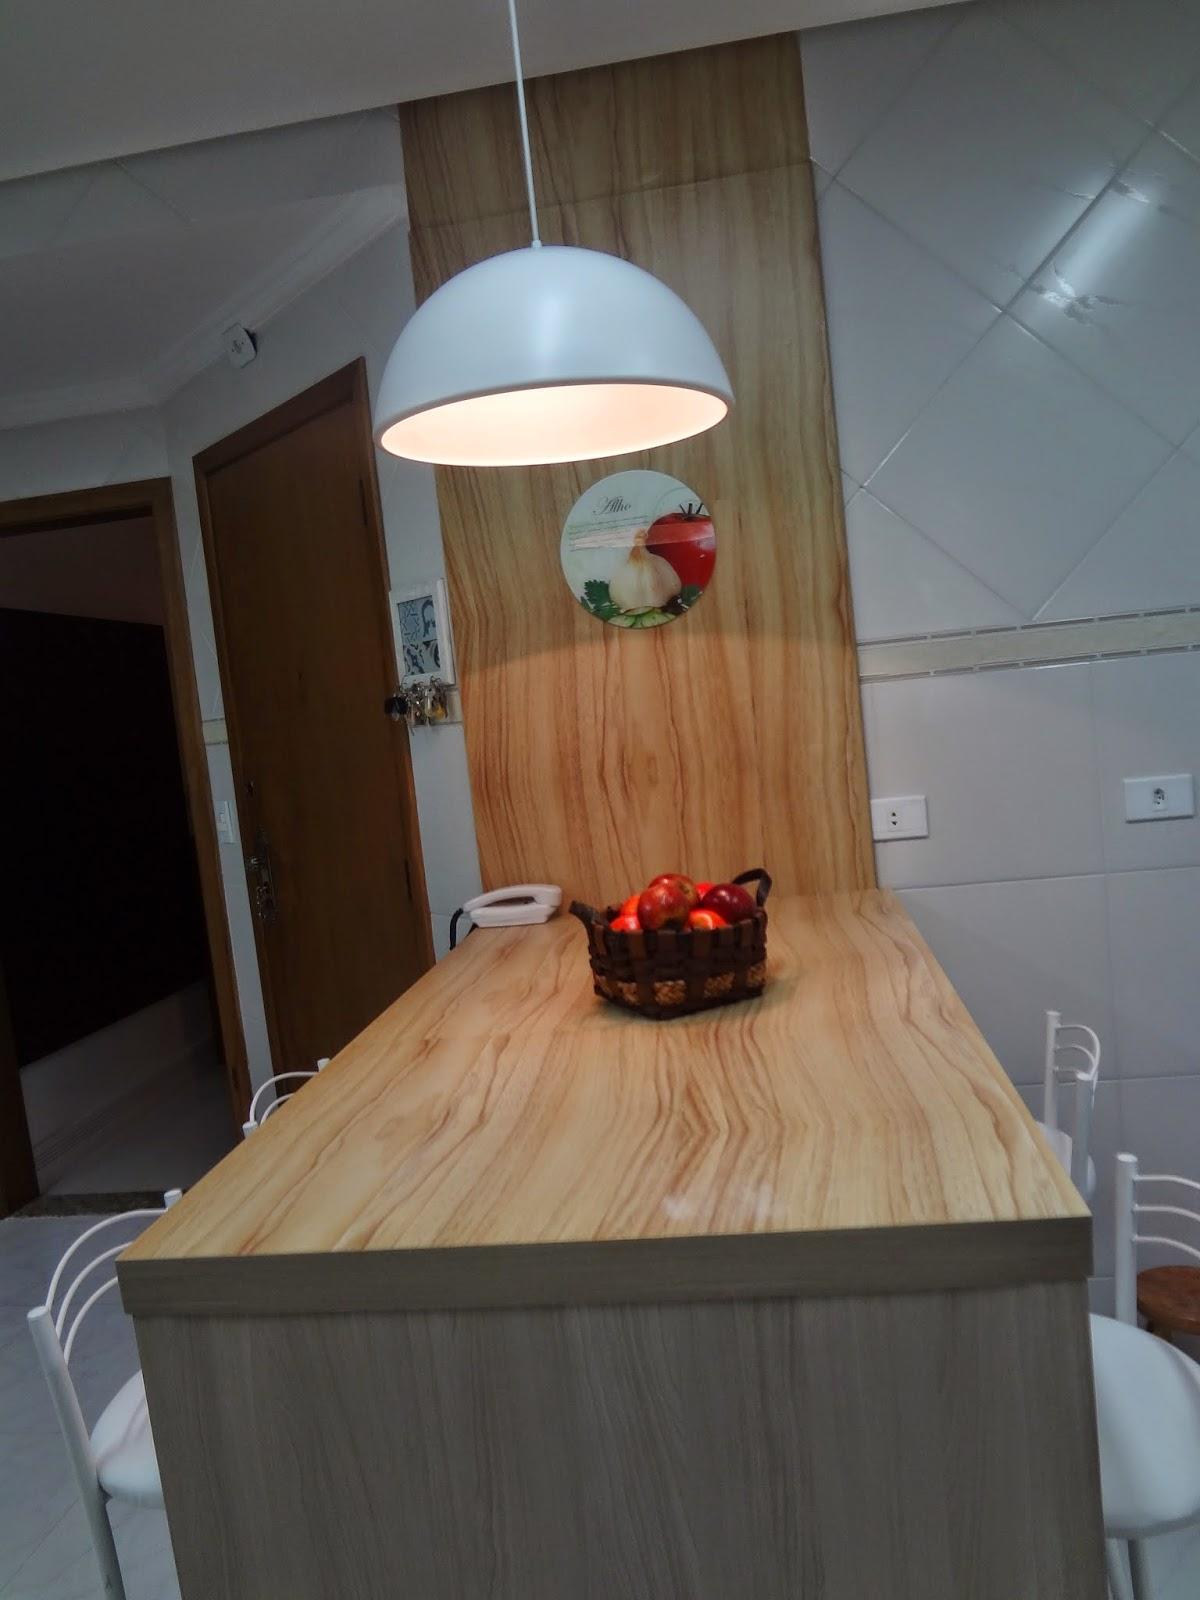 #704830 coloquei madeirinha tb na minha bancada q tá detonadinha  1200x1600 px Melhorias Na Cozinha_457 Imagens